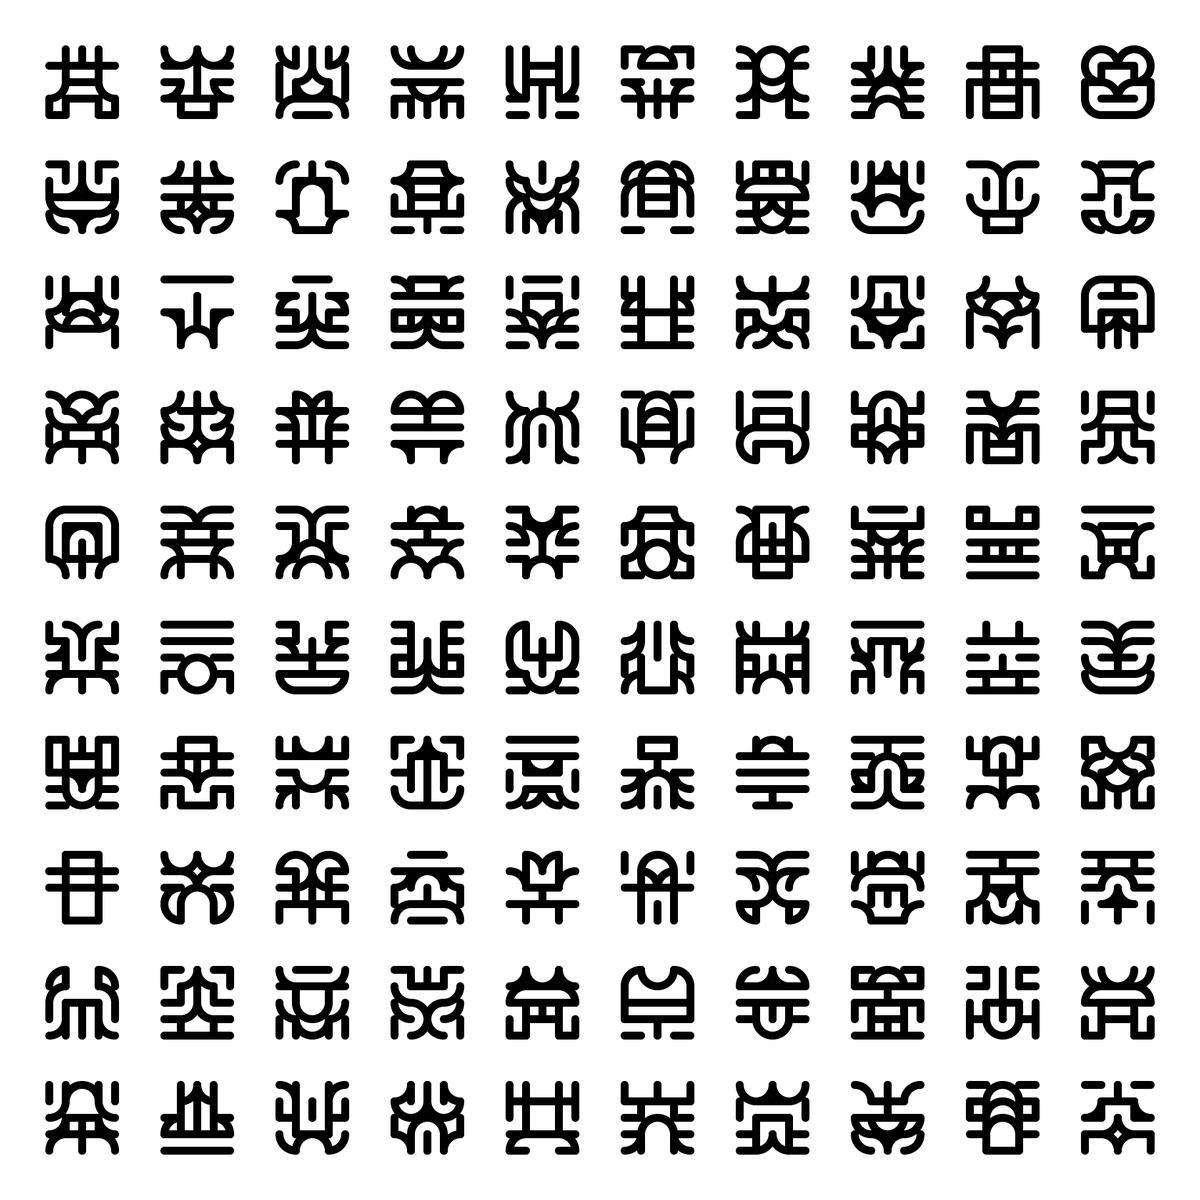 Japanese Alphabets With English Translation